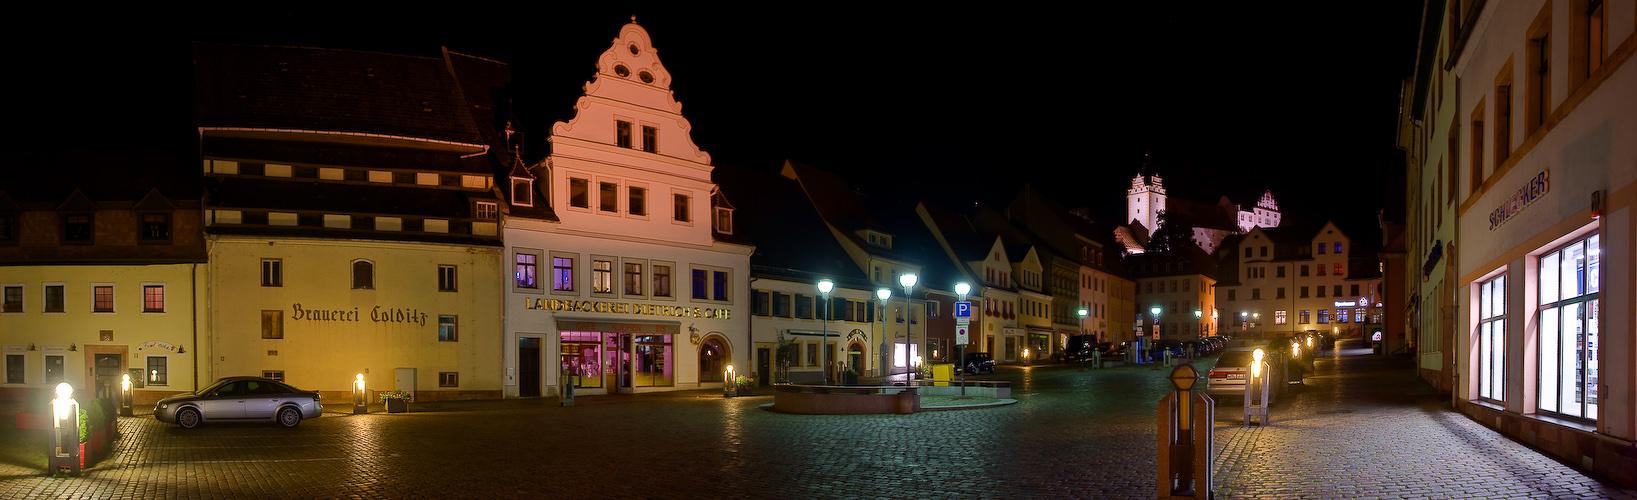 Colditz Markt II